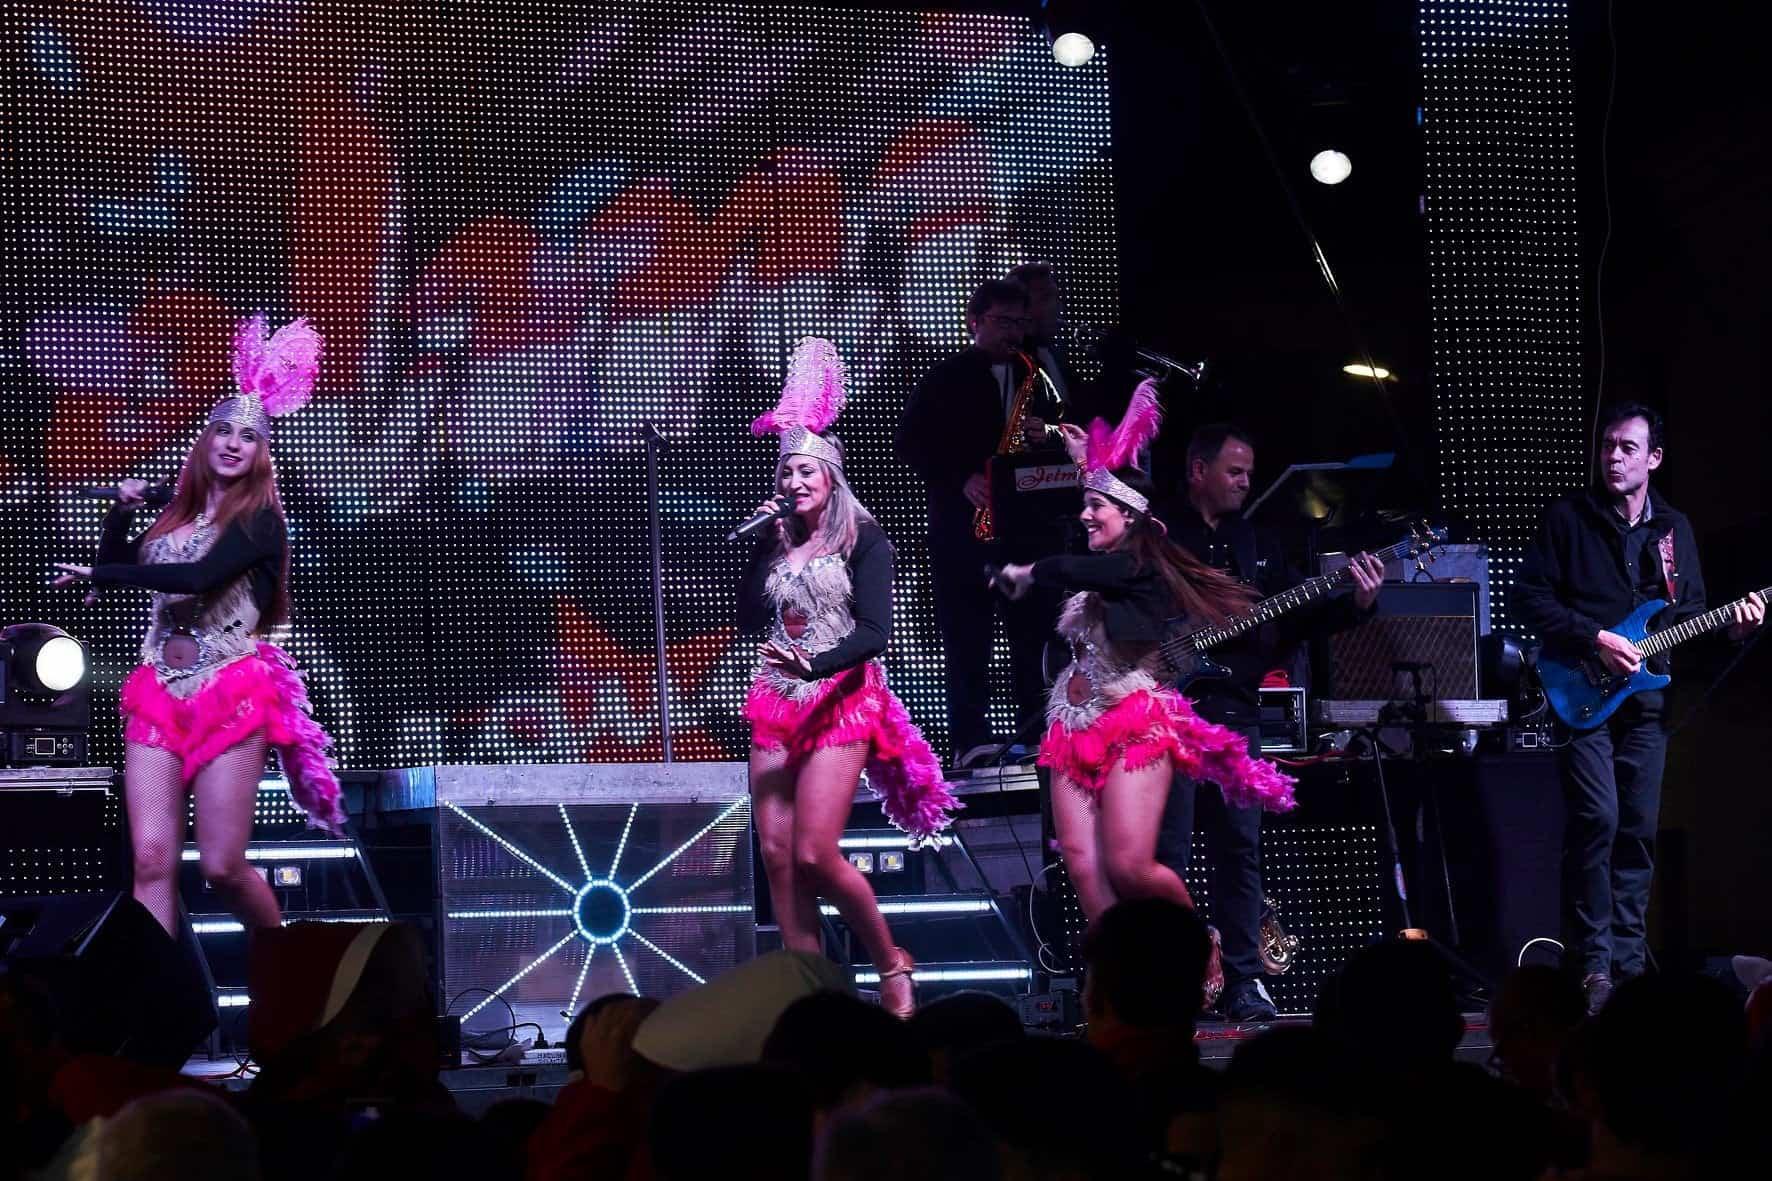 Carnaval herencia 2020 sabado ansiosos 4 - Fotografías del Sábado de los Ansiosos del Carnaval de Herencia 2020